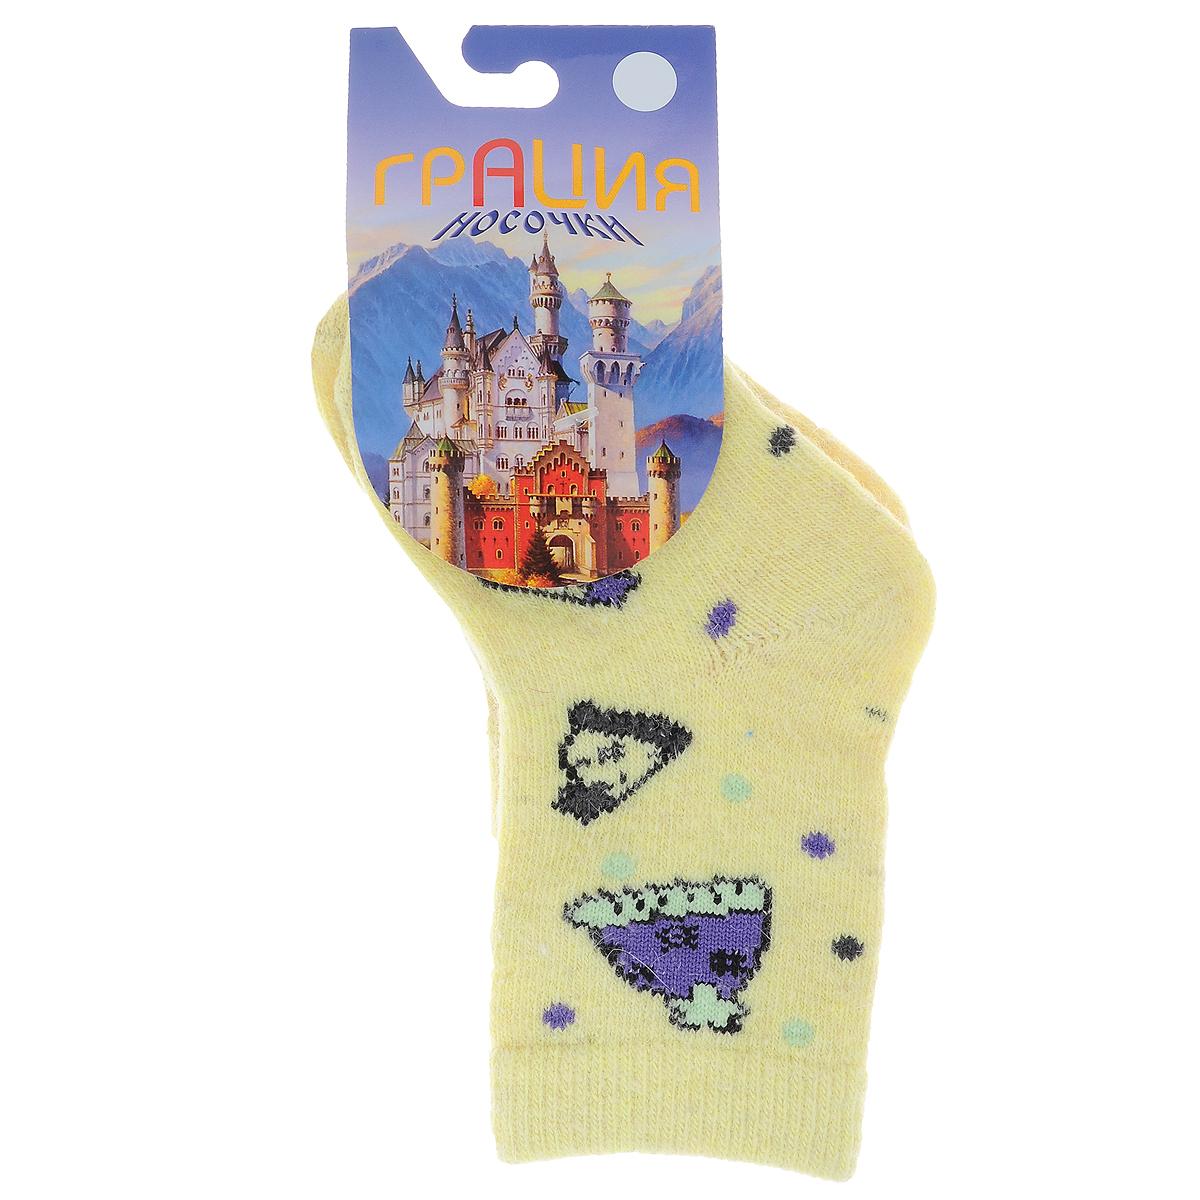 Носки детские Грация, цвет: светло-желтый. Д 2303_10. Размер 140/146, 9-12 летД 2303_10Детские теплые носки Грация - прекрасный вариант для вашего ребенка. Они изготовлены из экологически чистой пряжи смешанного состава, очень мягкие на ощупь, не раздражают даже самую нежную и чувствительную кожу. Носки имеют анатомическую двубортную резинку и плоский шов на мыске. Оформлена модель вязаным рисунком в виде шапочек и цветных горошин. Они послужат замечательным дополнением к детскому гардеробу и сохранят ножки вашего ребенка в тепле!